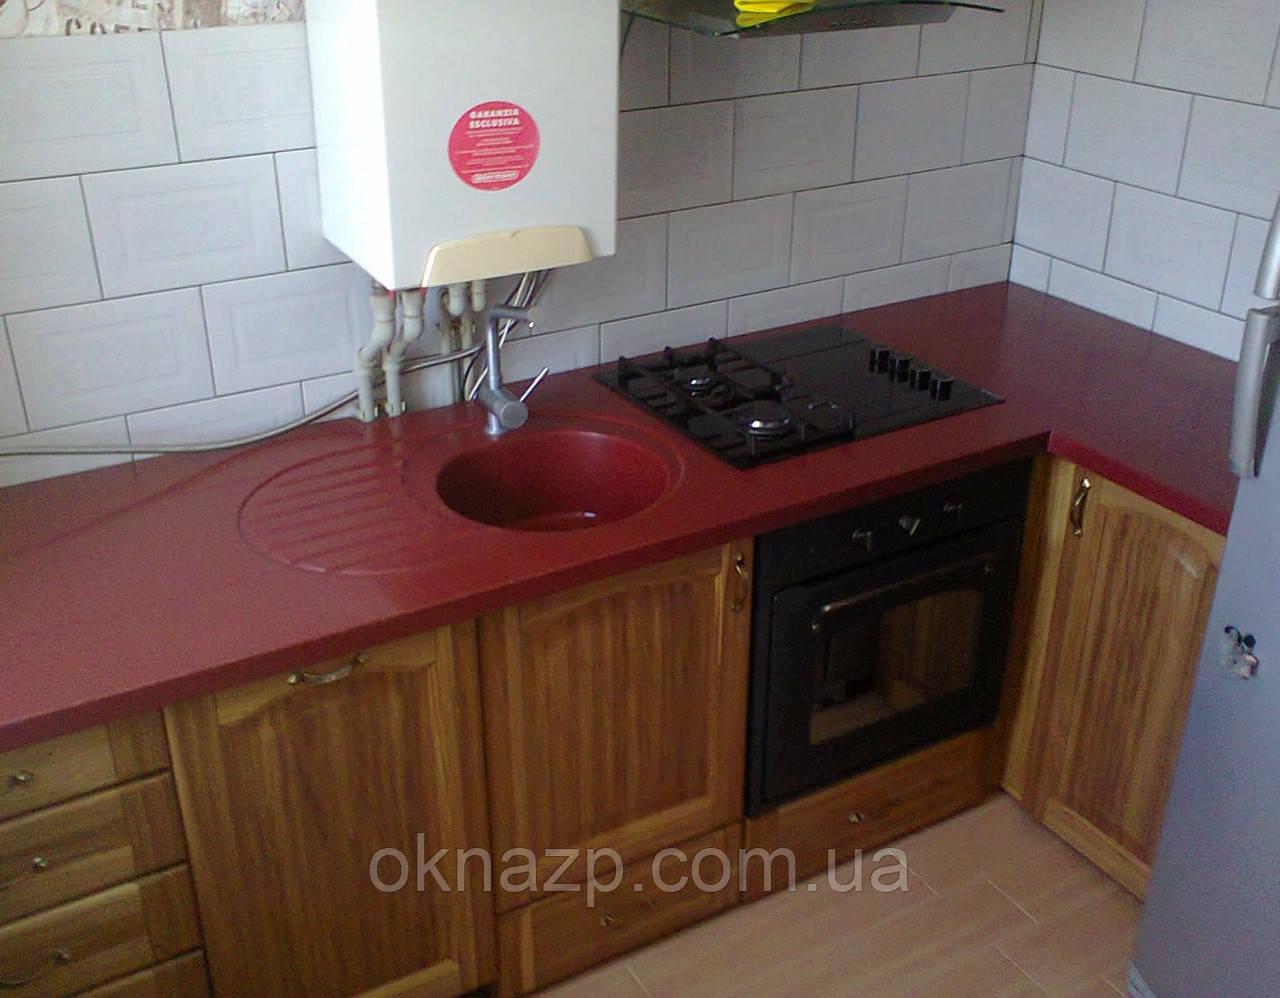 Стільниця з мийкою + стіл (лита мийка+ 2700грн./шт. додатково)